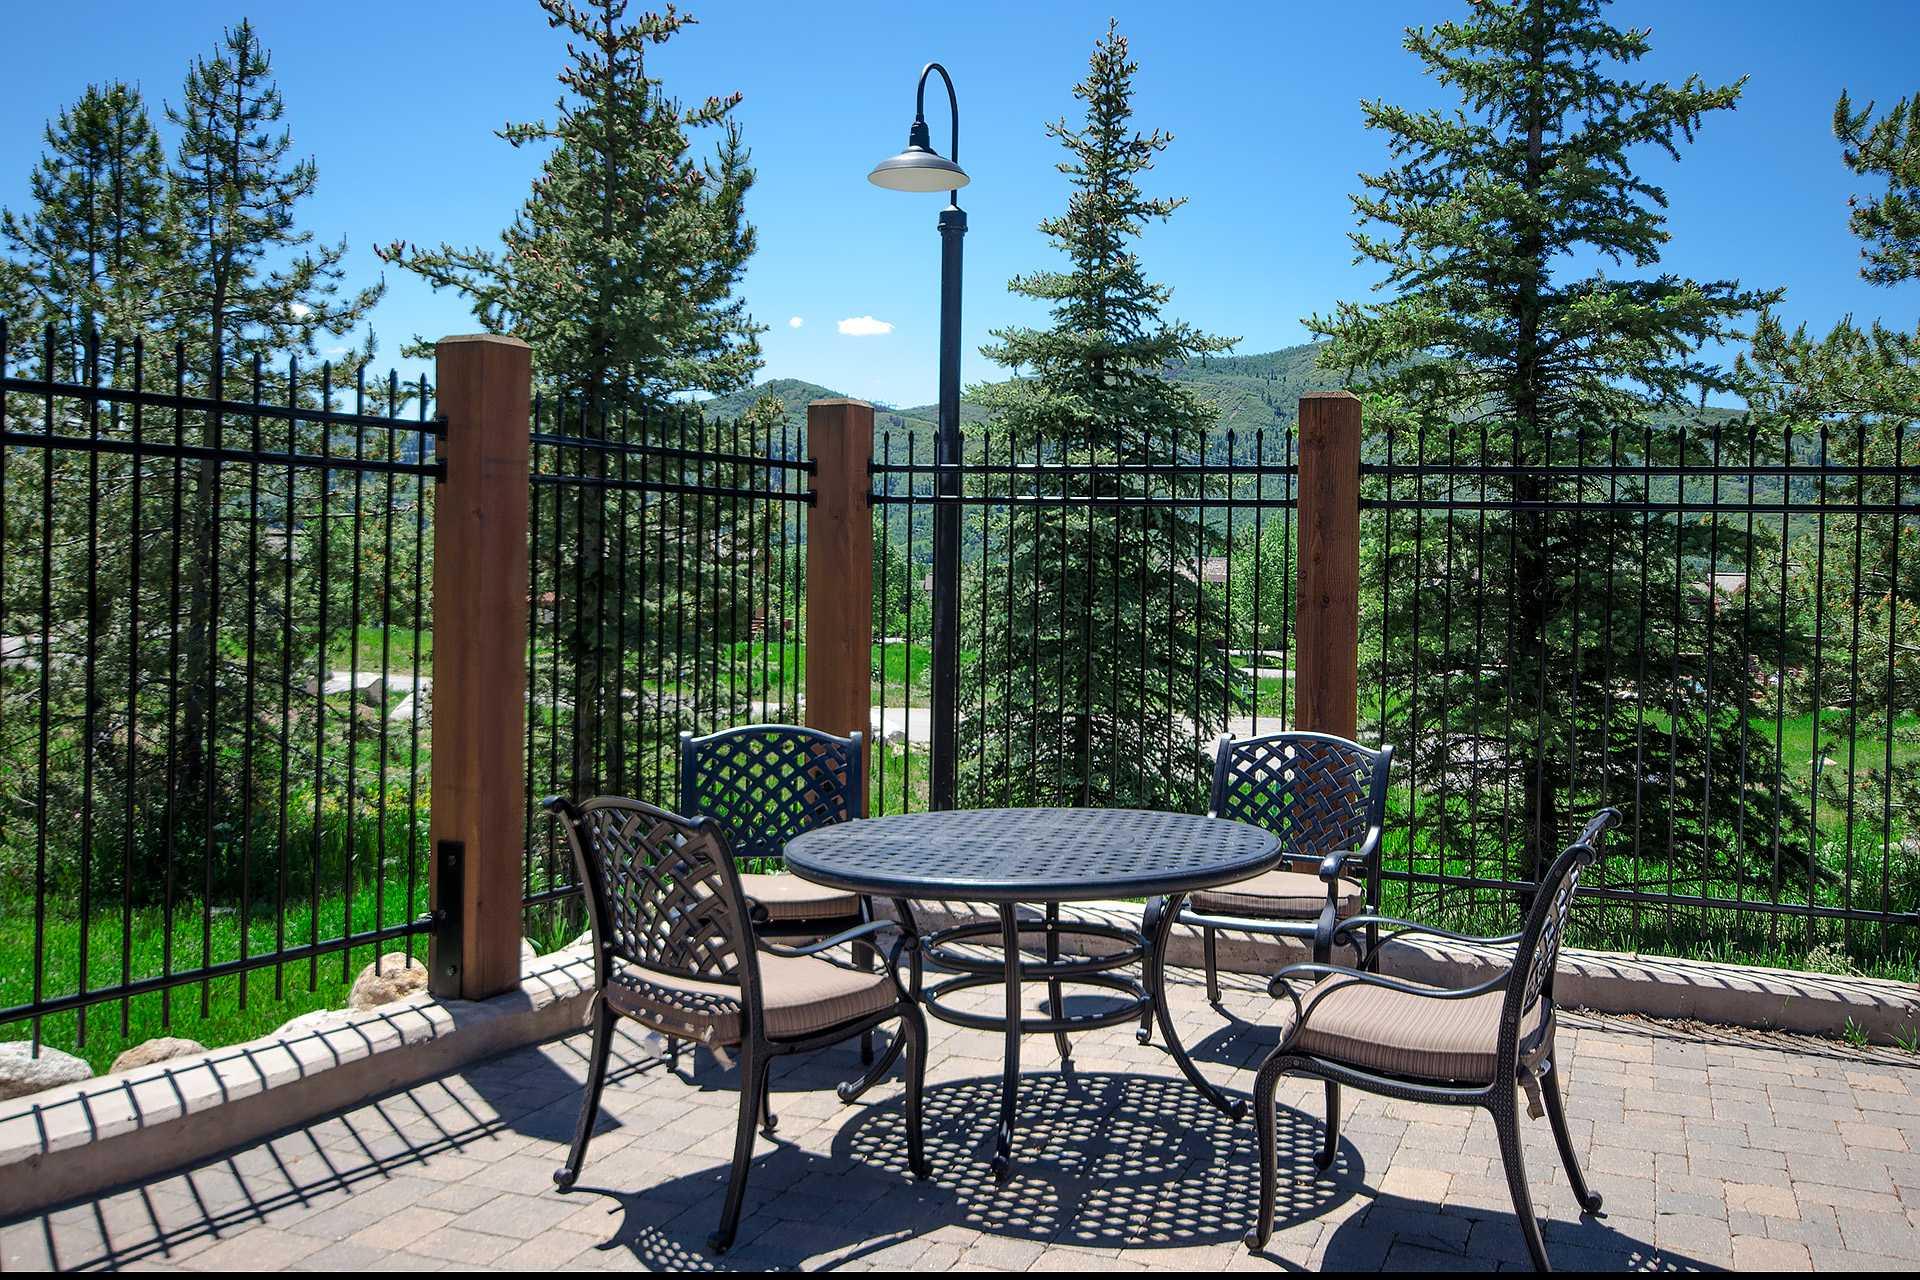 R2436: Rockies Condominiums